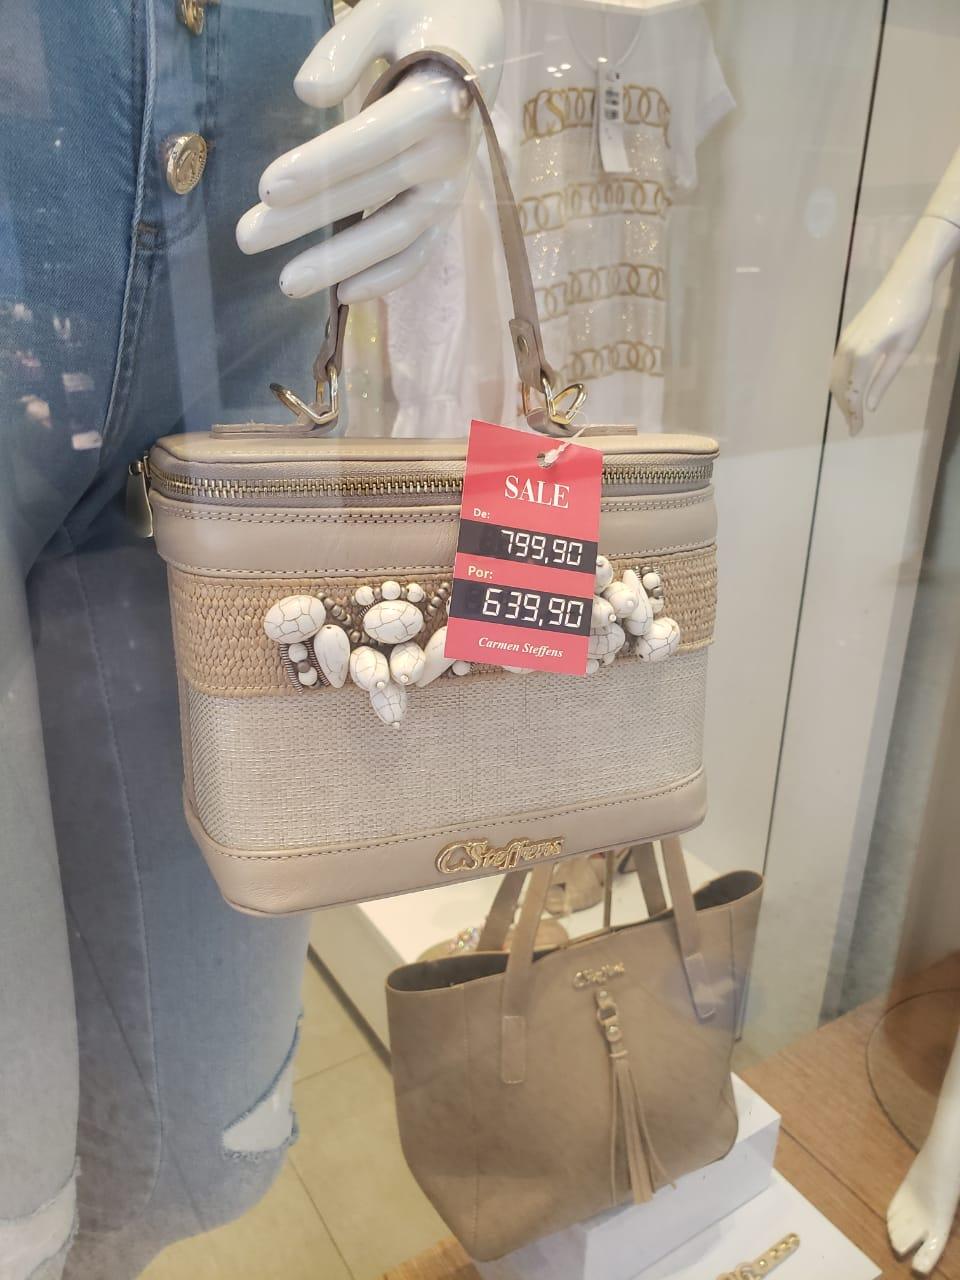 Shopping da Bahia: Carmen Steffens - bolsa, de R$ 799,90 por R$ 639,90 (20% de desconto)